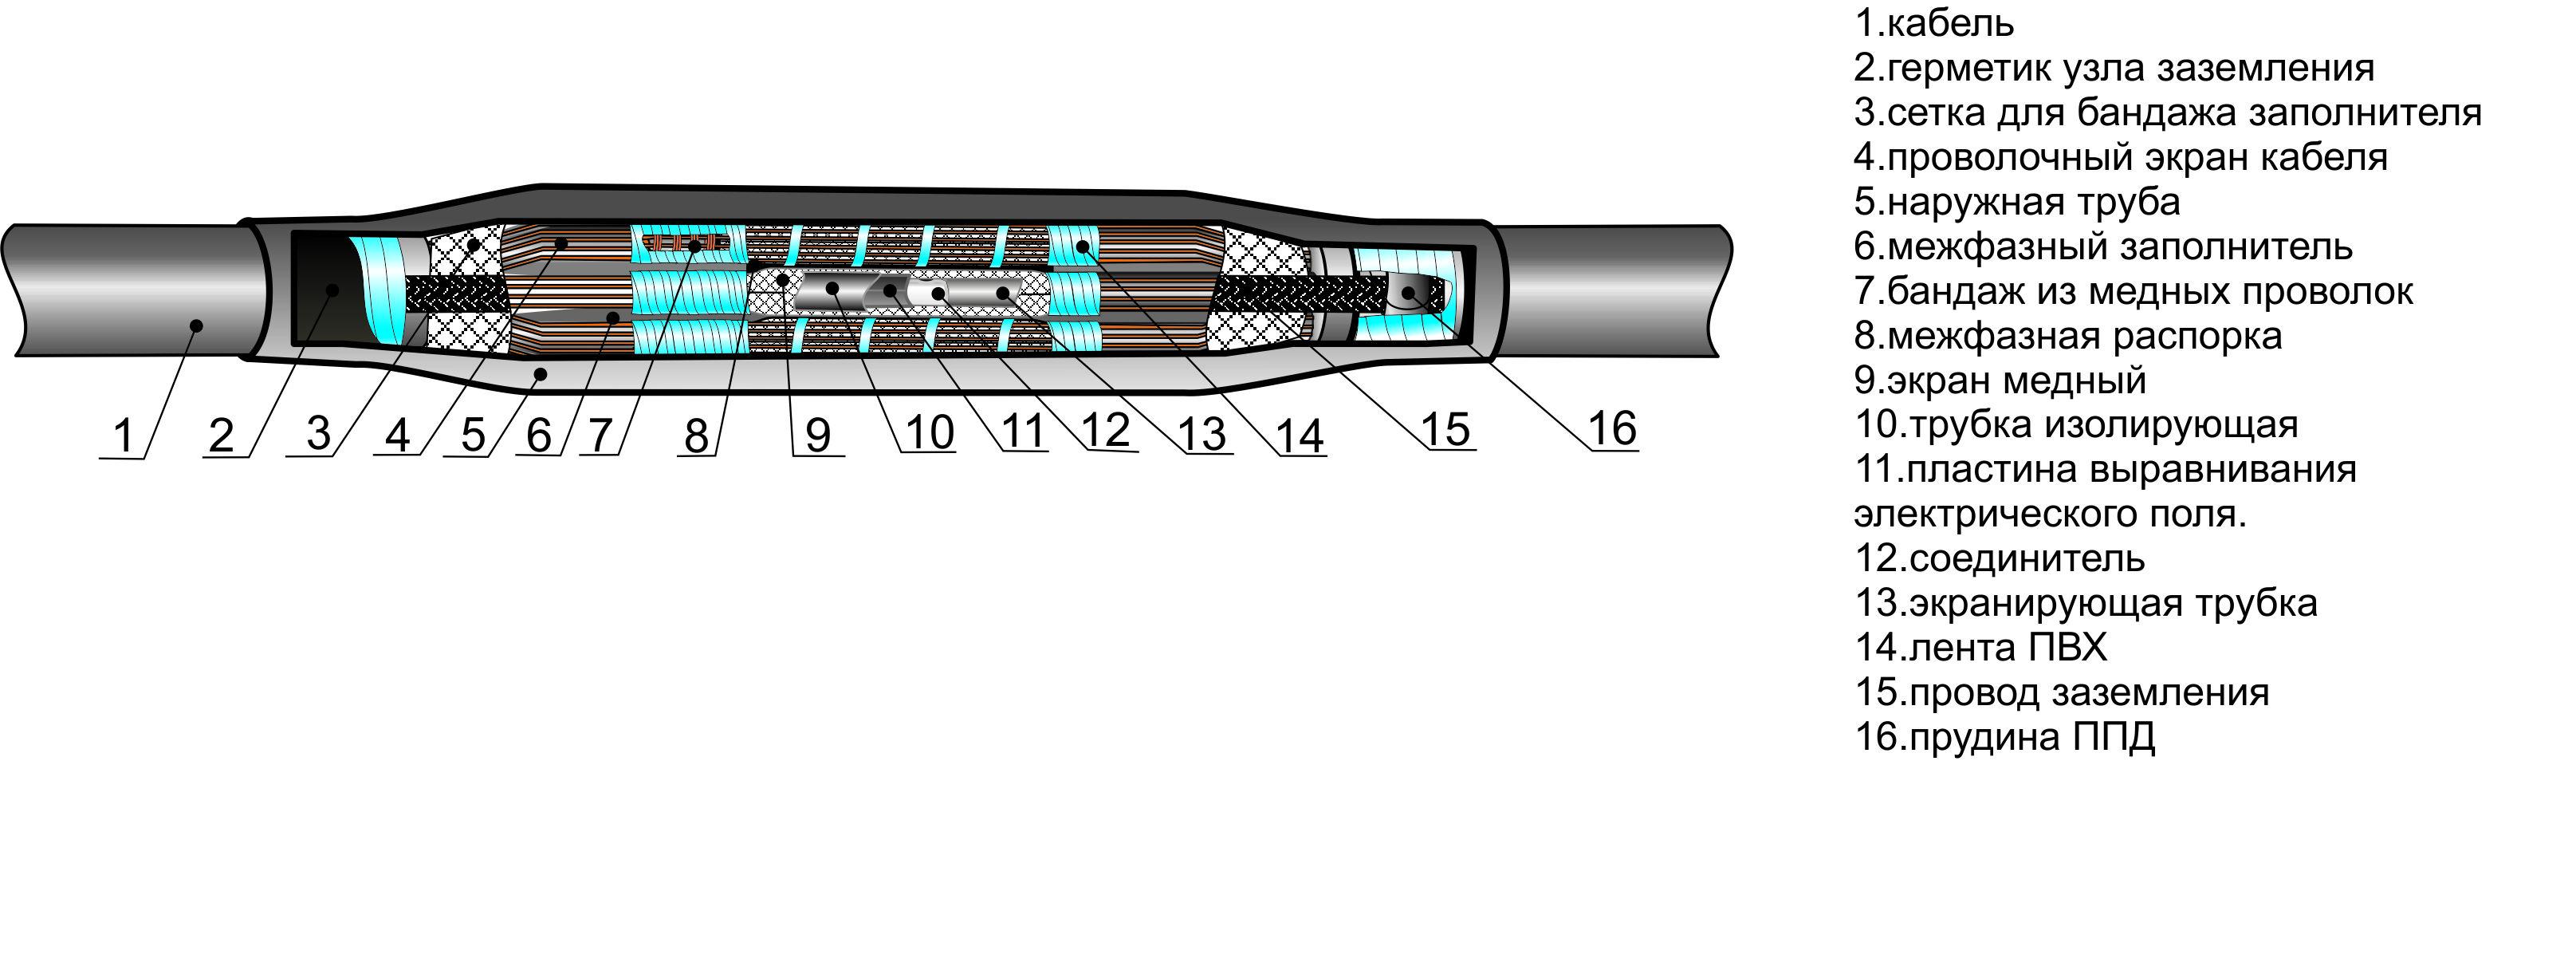 Кабель сшитый полиэтилен расшифровка 643